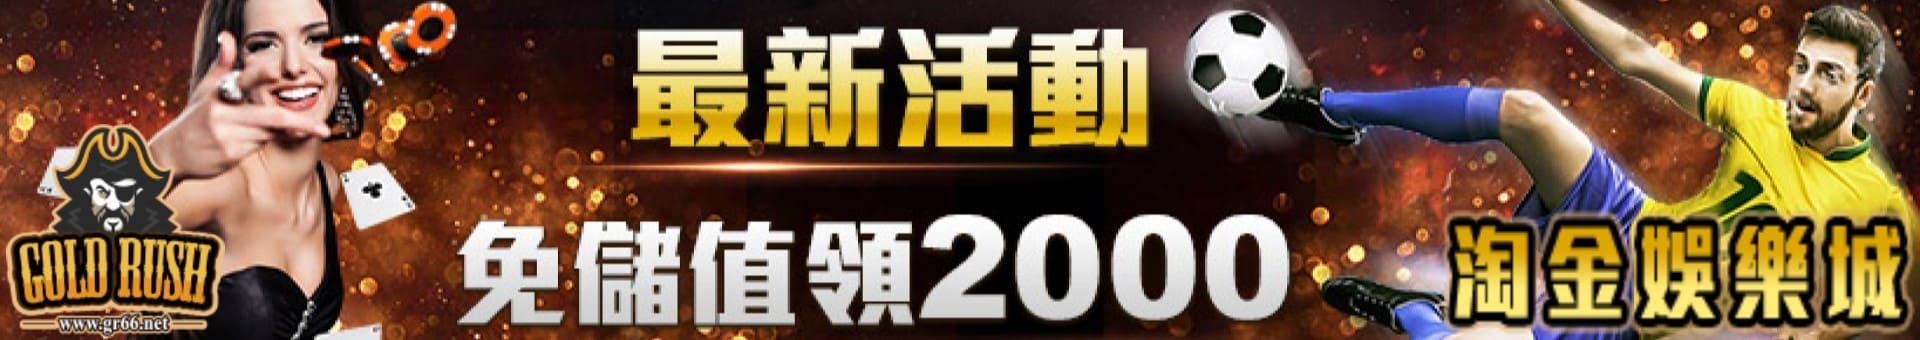 淘金娛樂城免儲值領2000